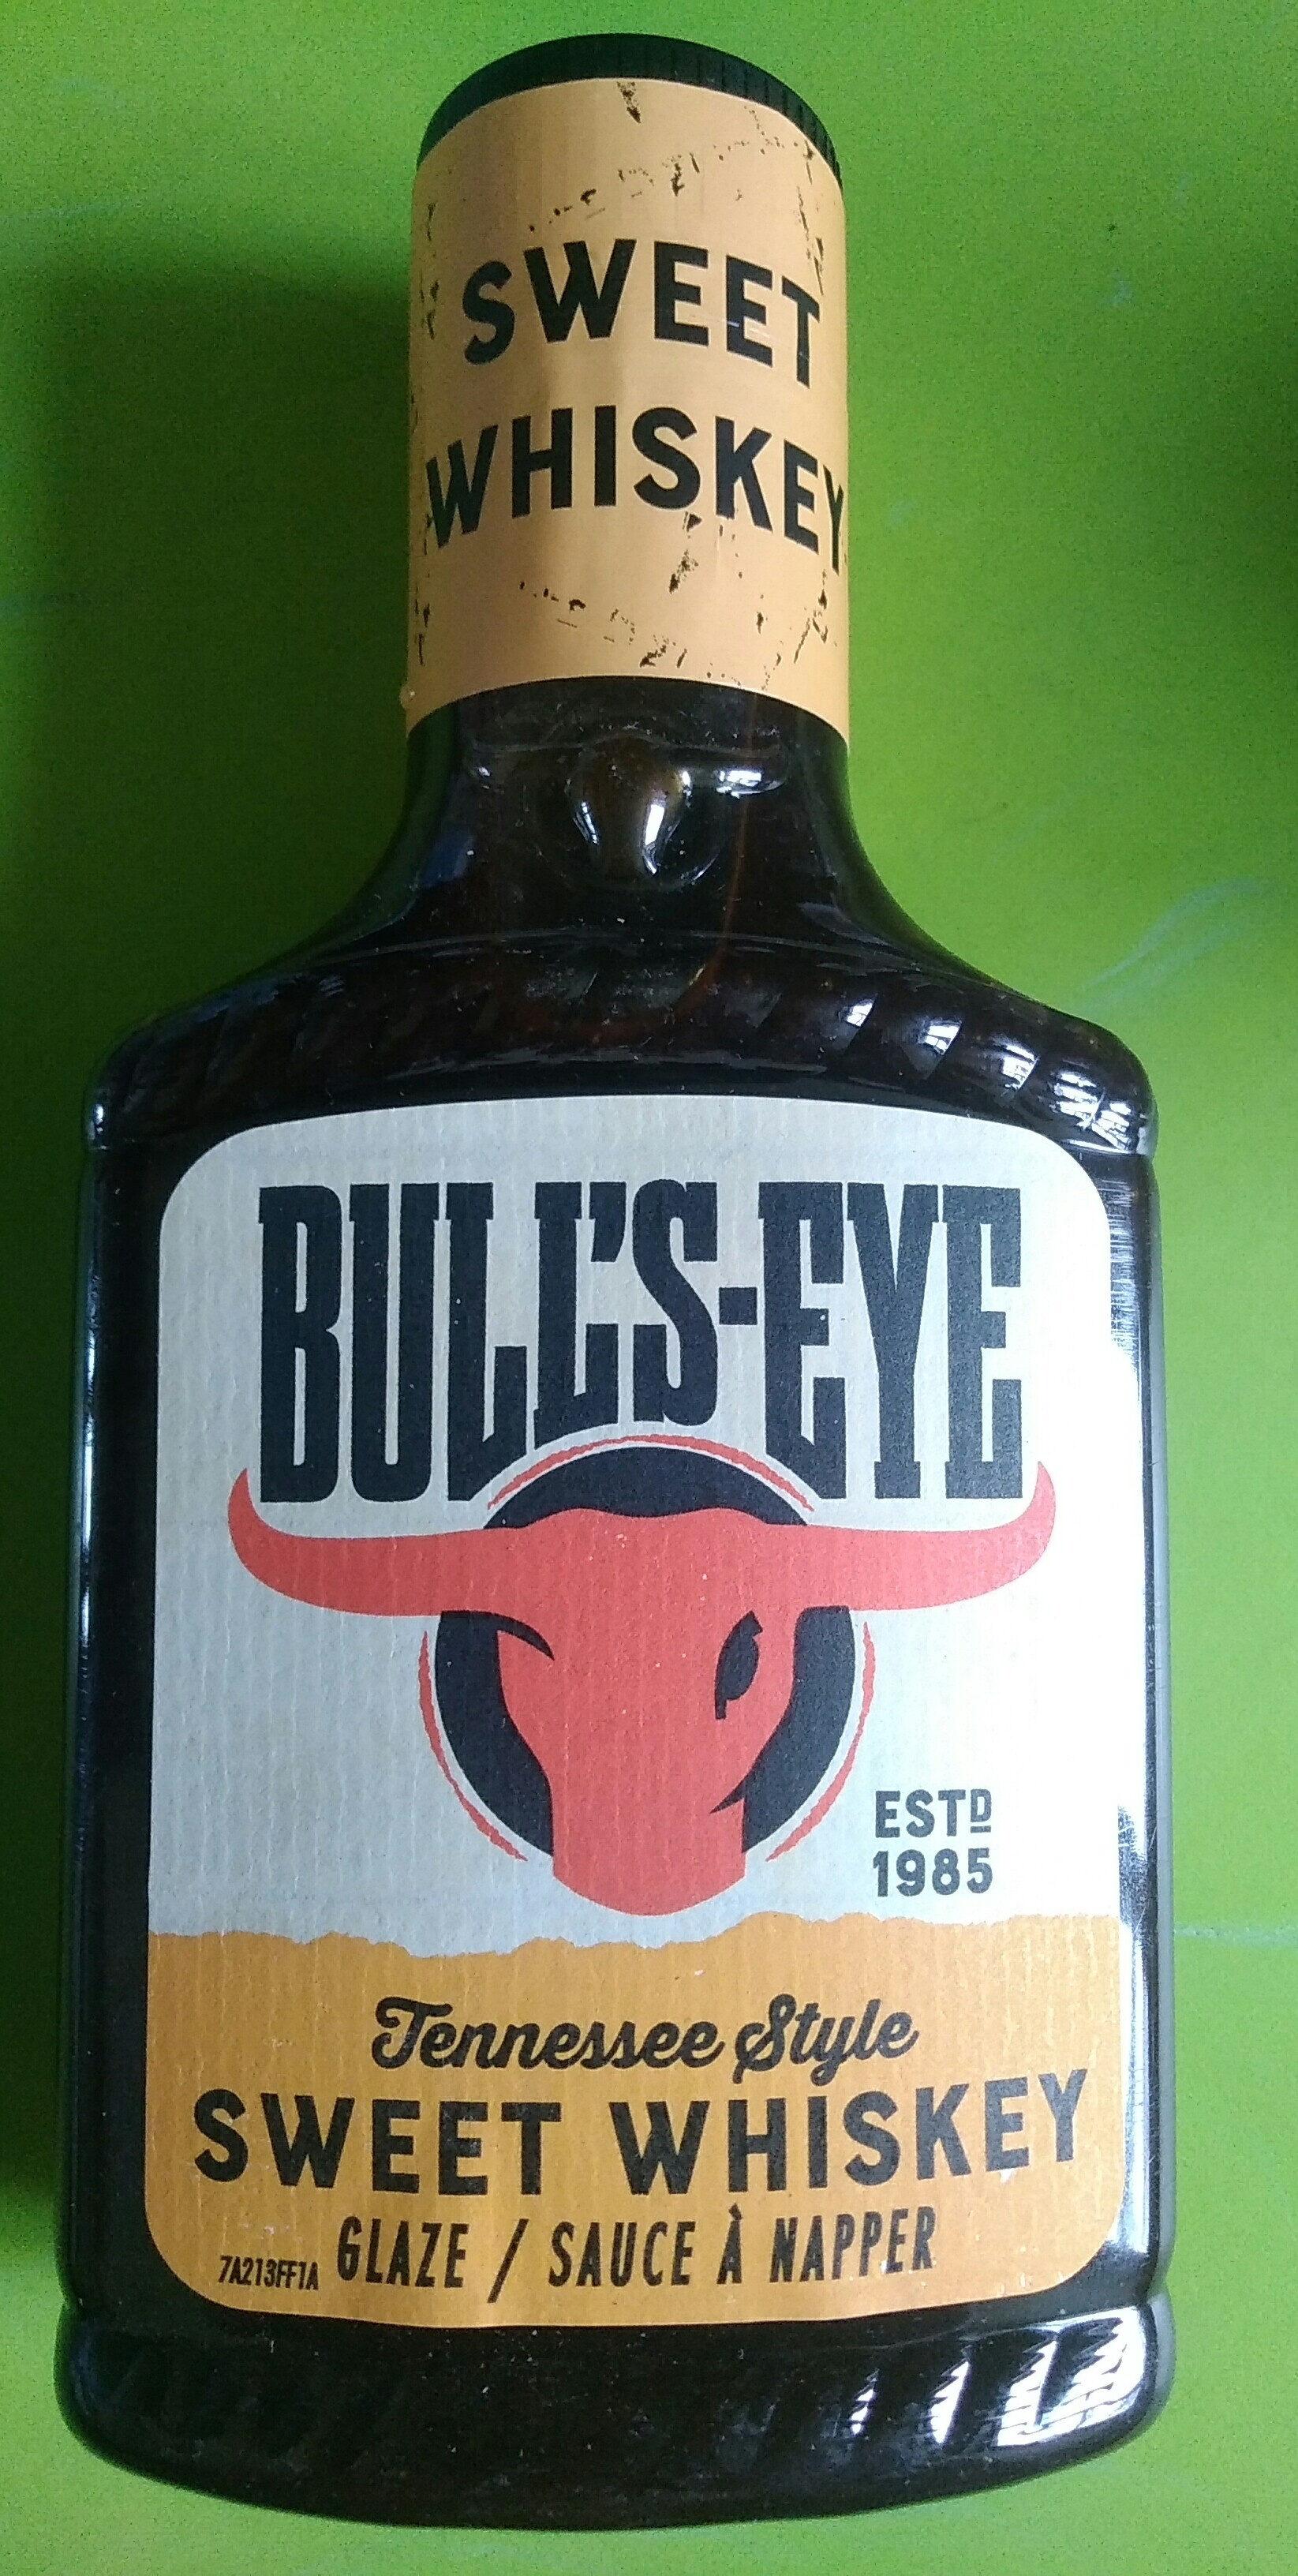 sauce à napper, bull's-eye, Sweet whiskey - Product - fr